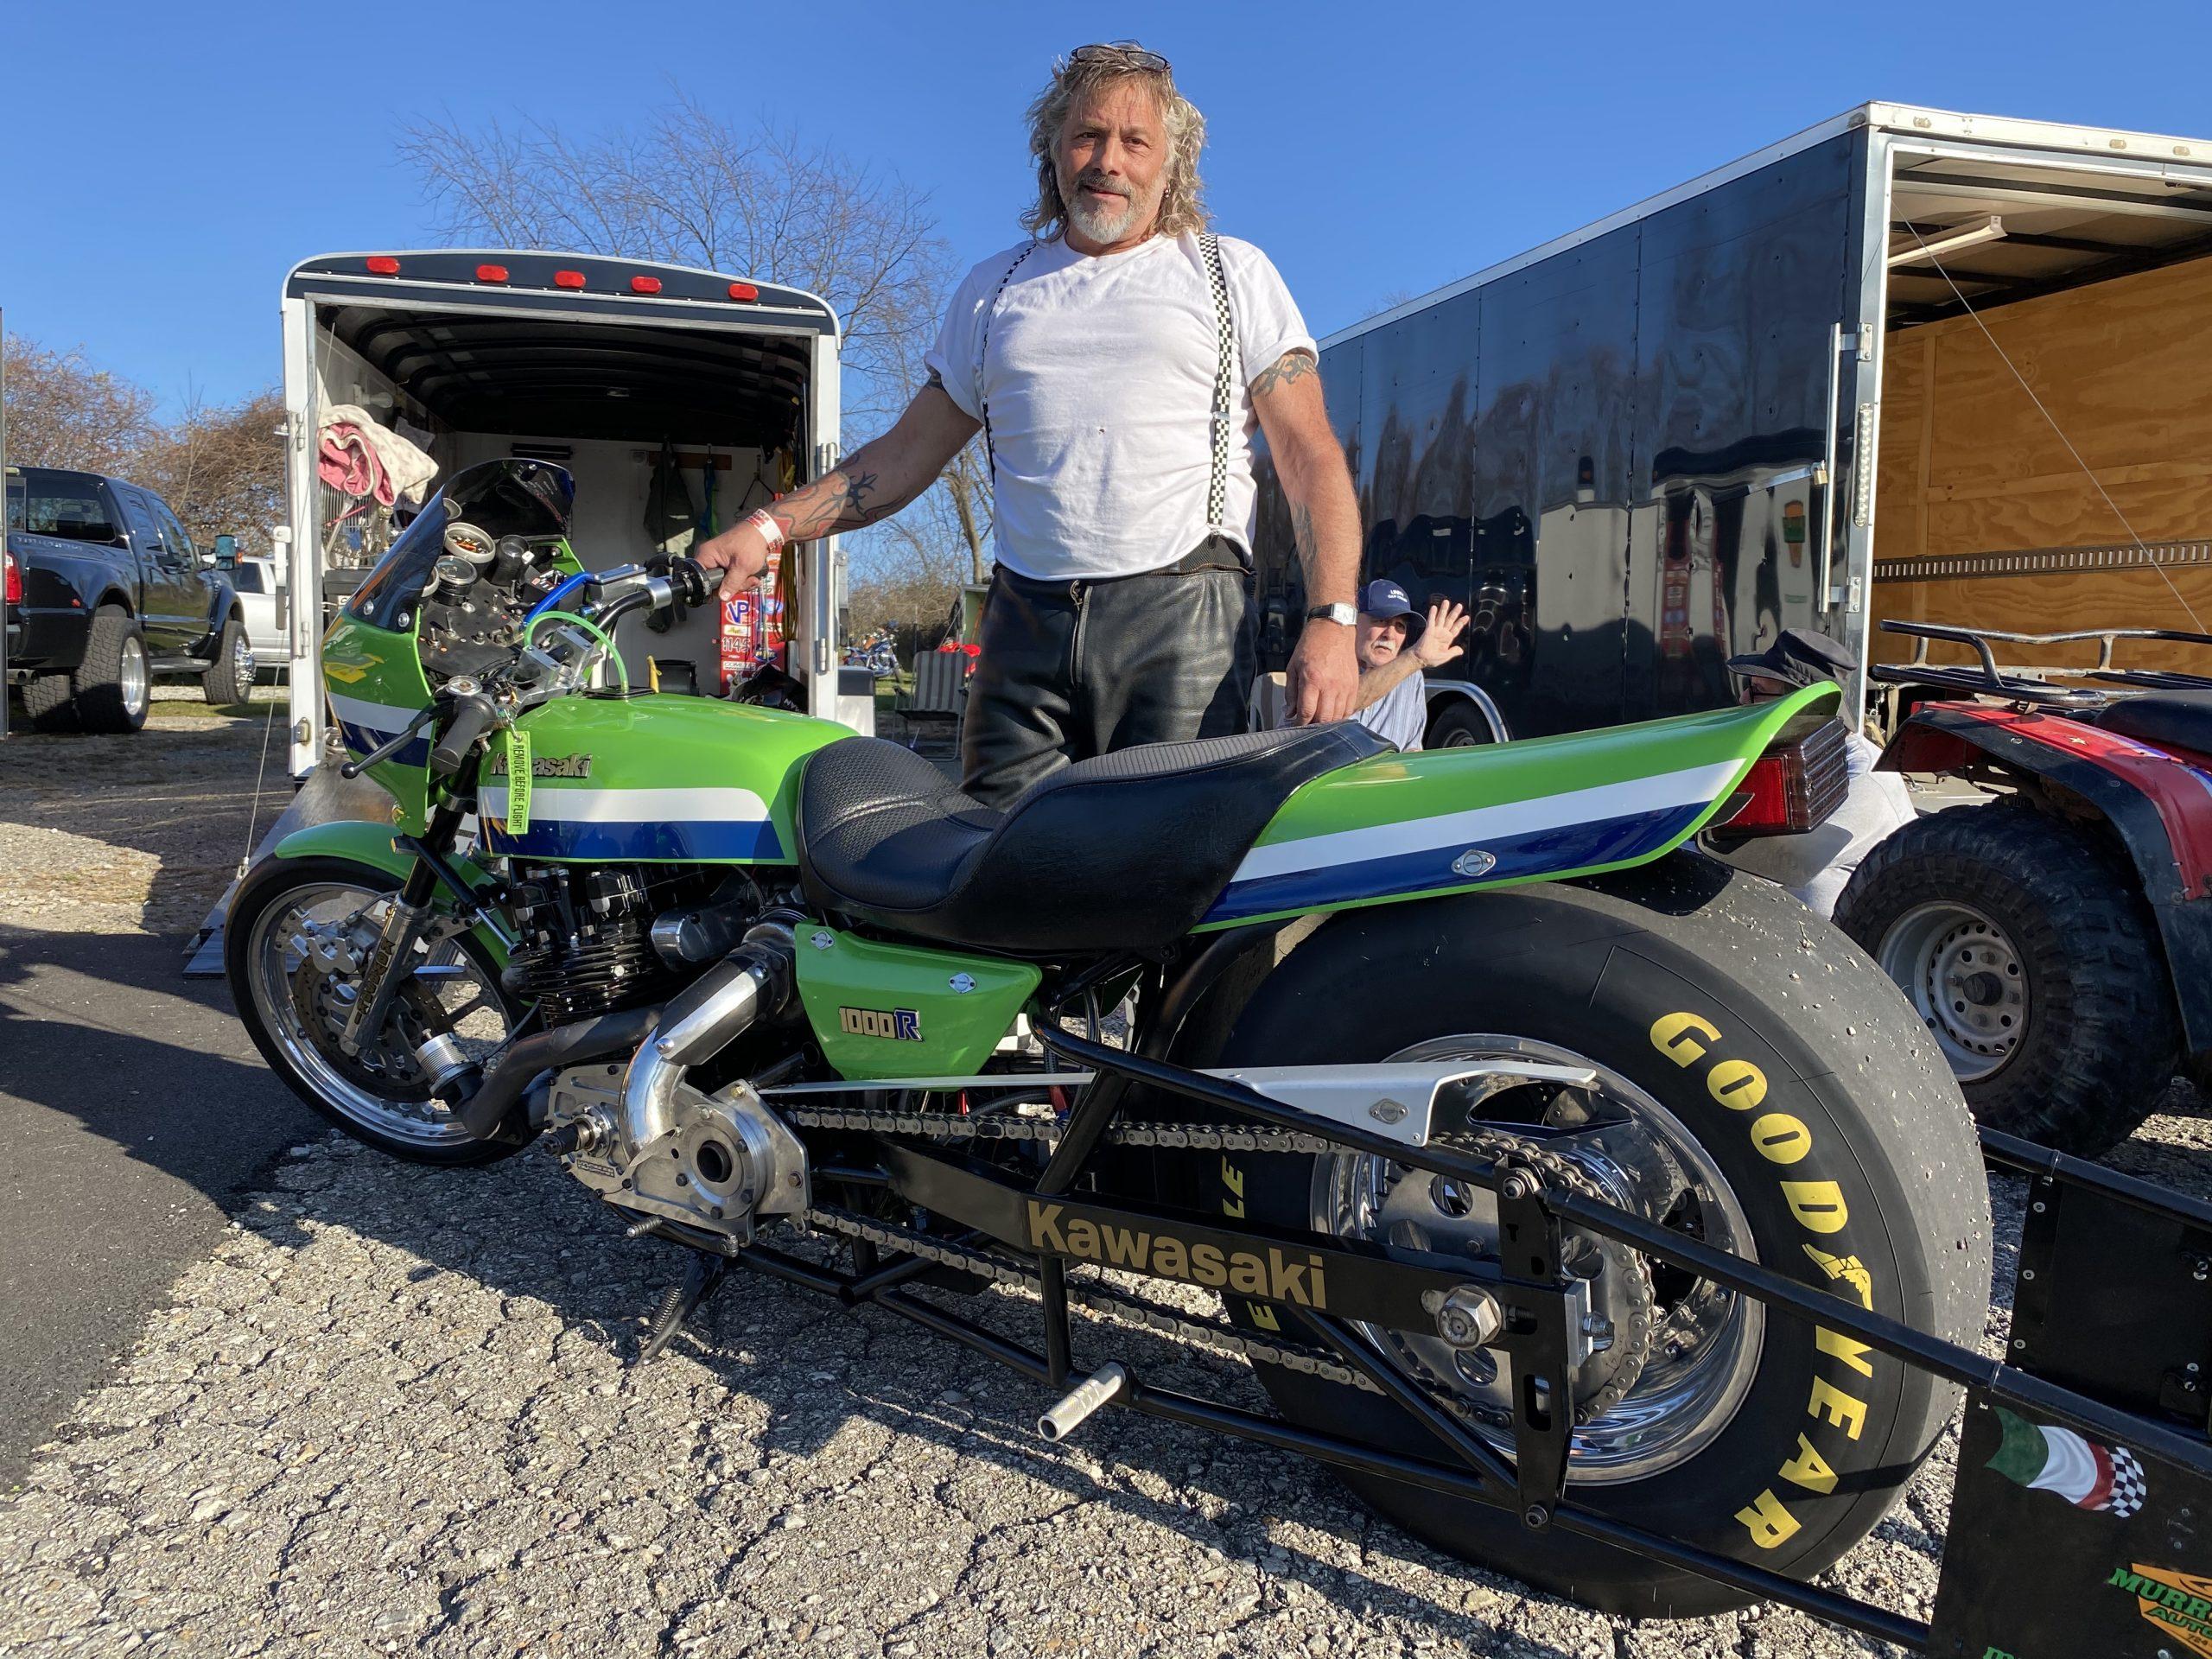 Eddie Lawson Drag Bike